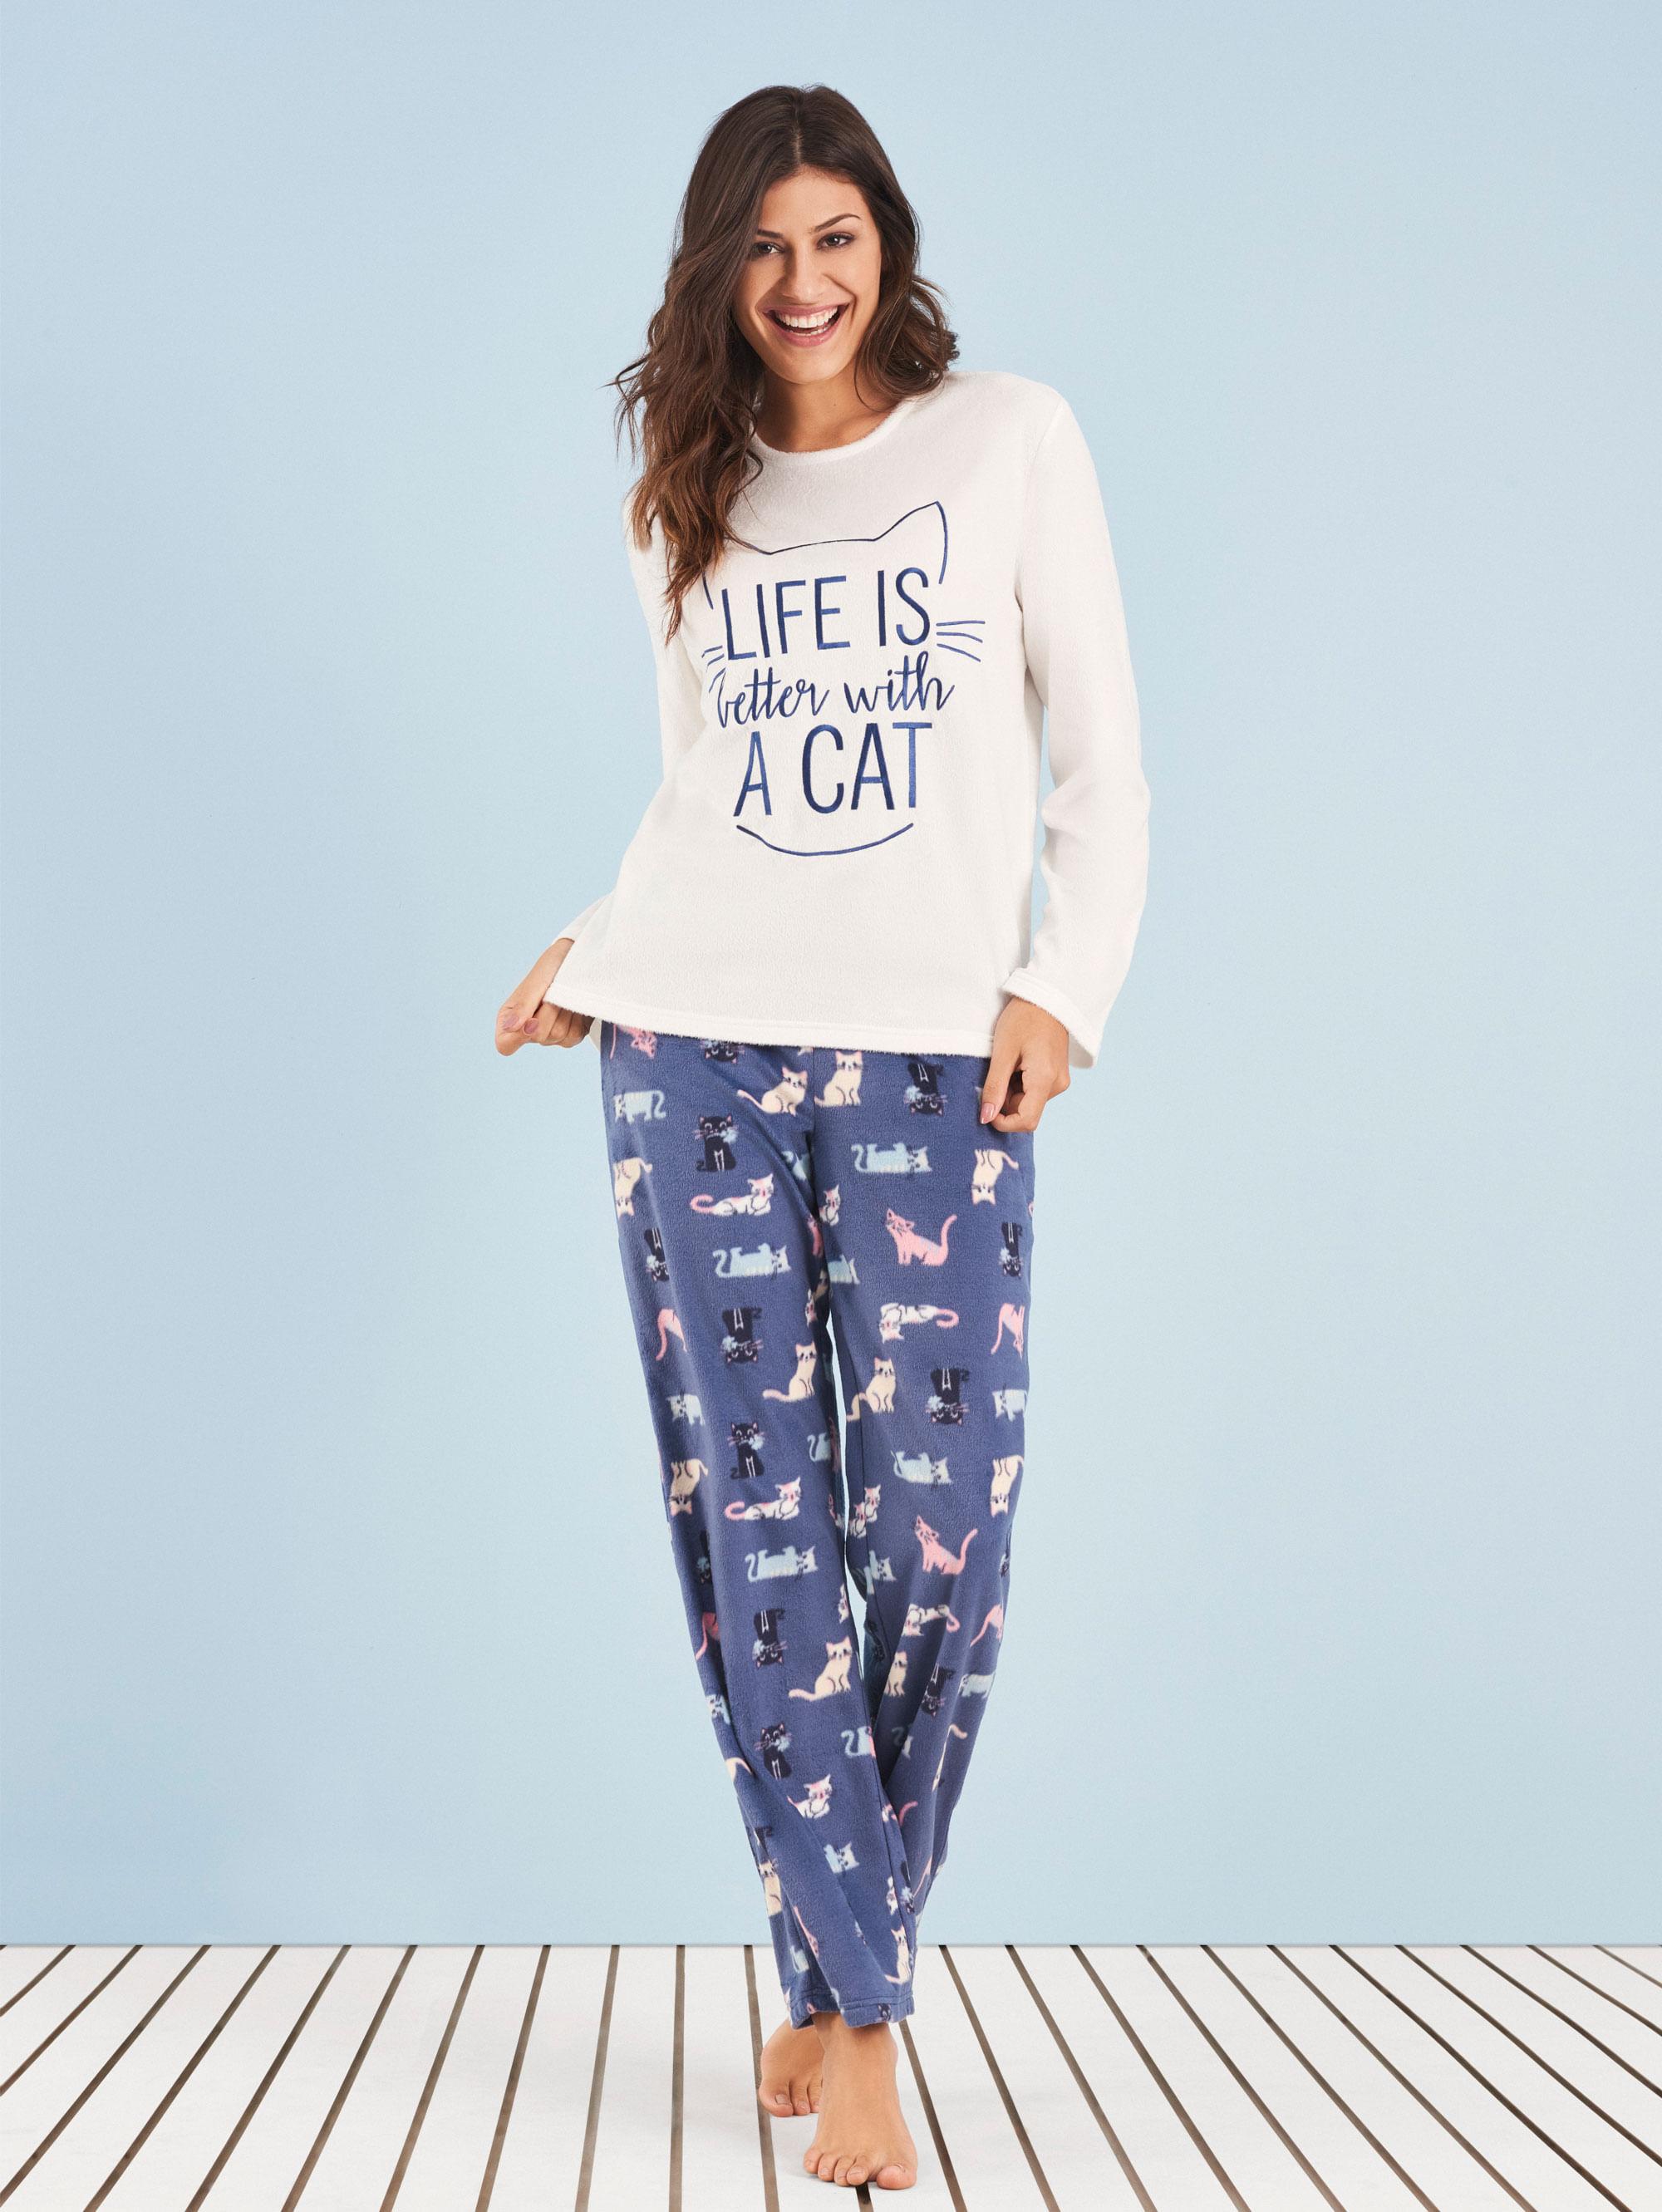 025d59bf61 pijama-manga-longa-life-cat-any-any